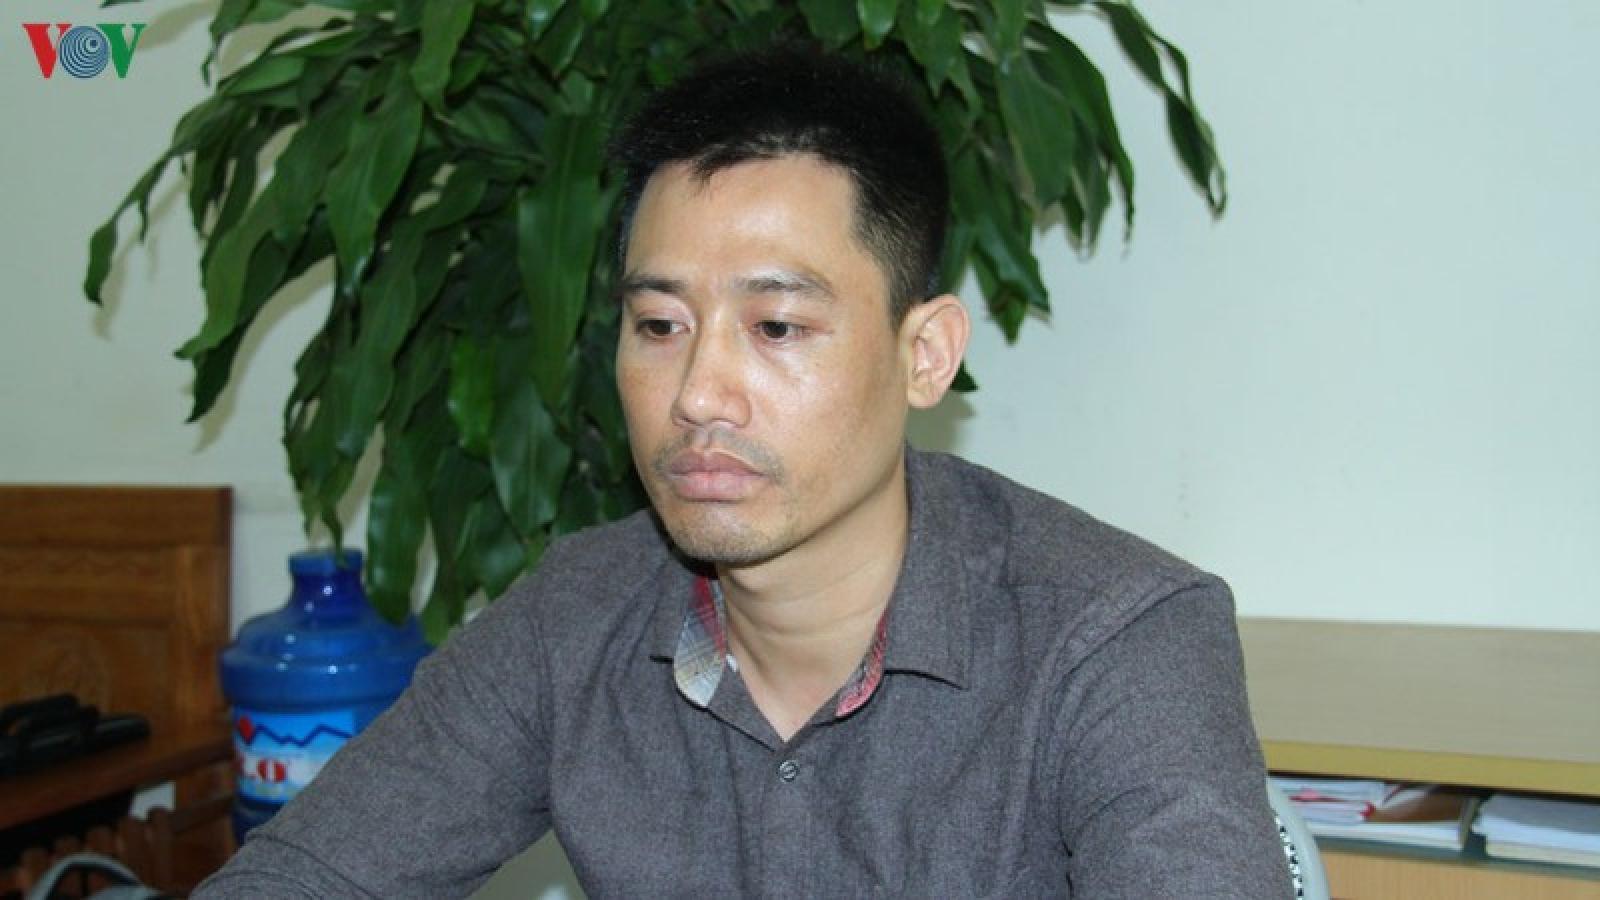 Kẻ giết người ở Hải Dương bị bắt tại Lào Cai sau 3 năm lẩn trốn